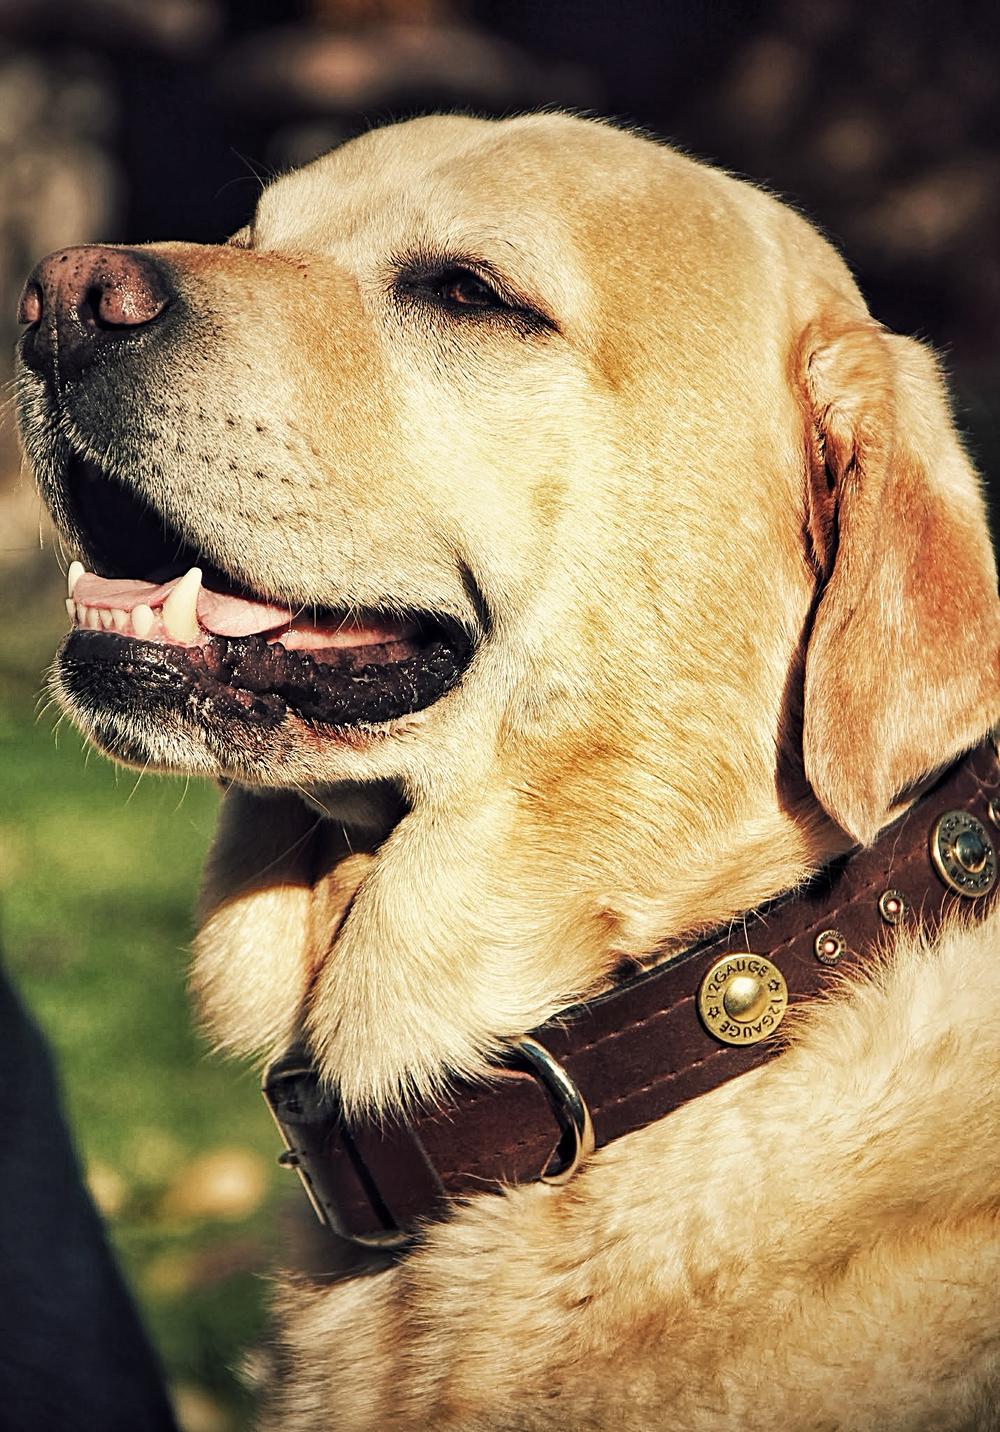 DogCollar006FINAL.jpg